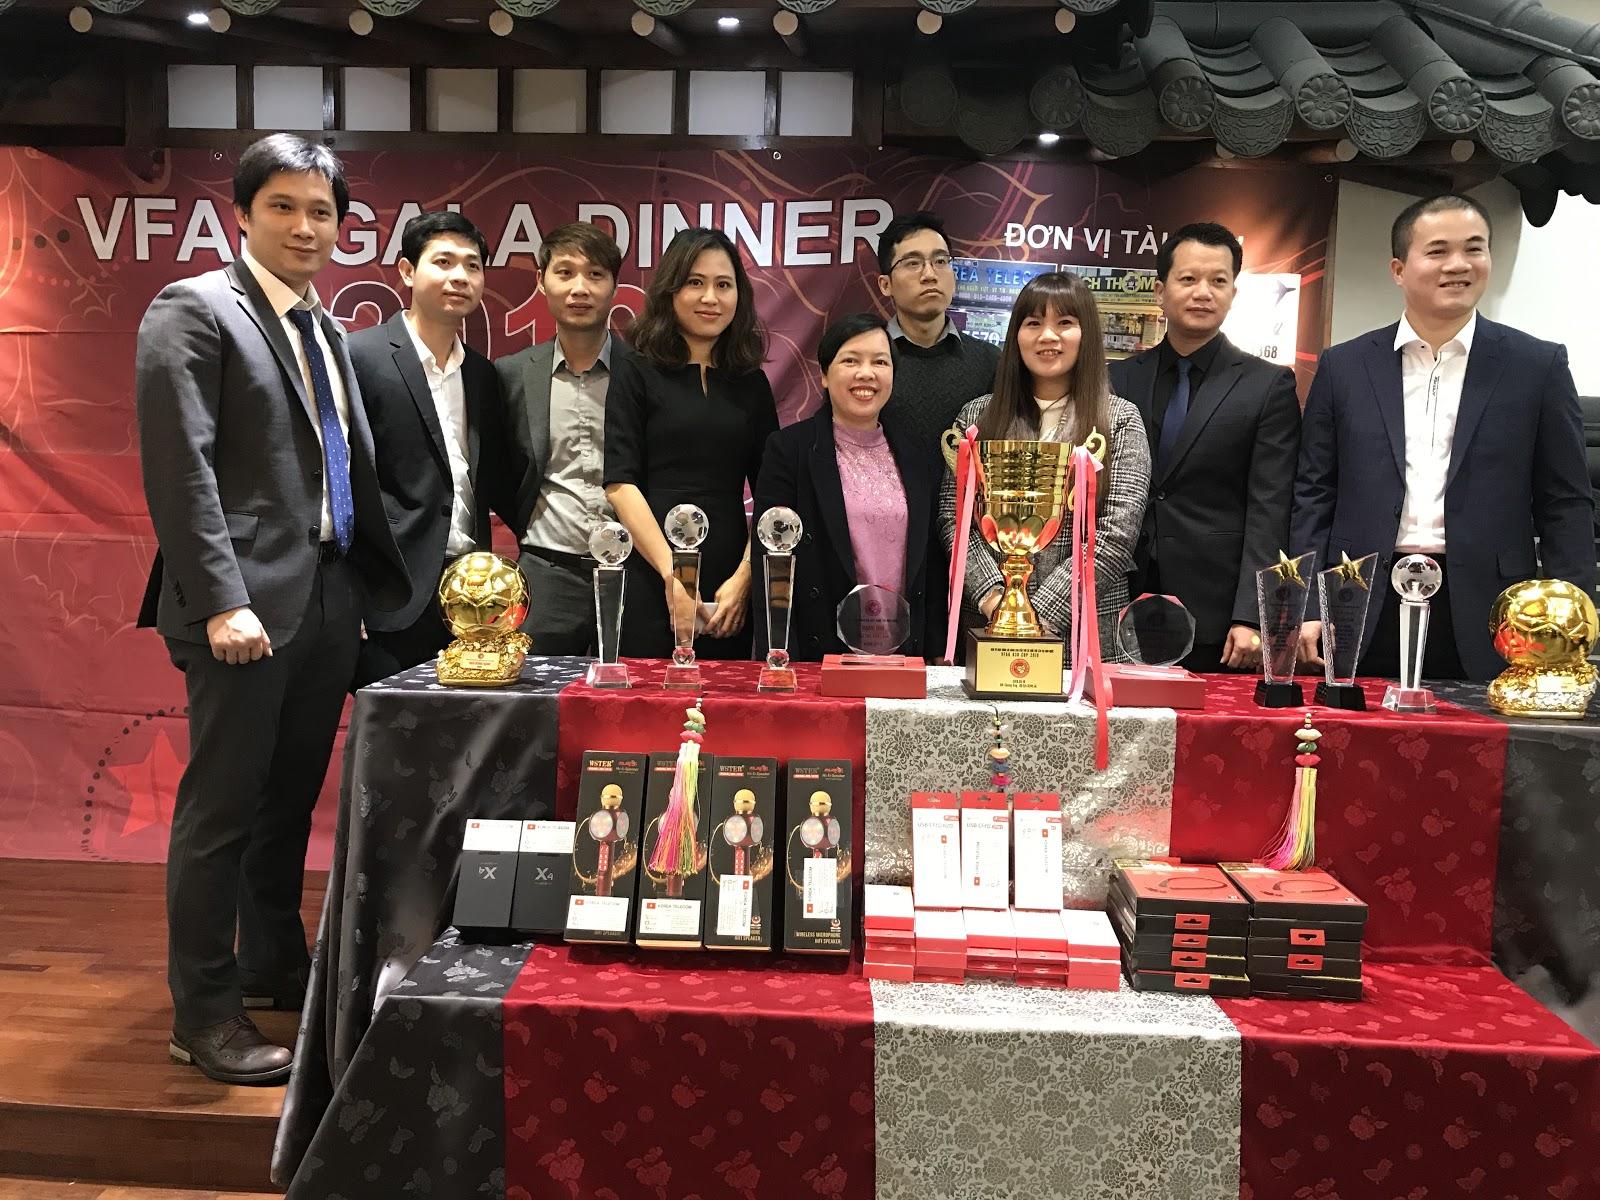 Hiệp hội bóng dá Việt Nam tại Hàn Quốc tổng kết 1 năm đầy thành công